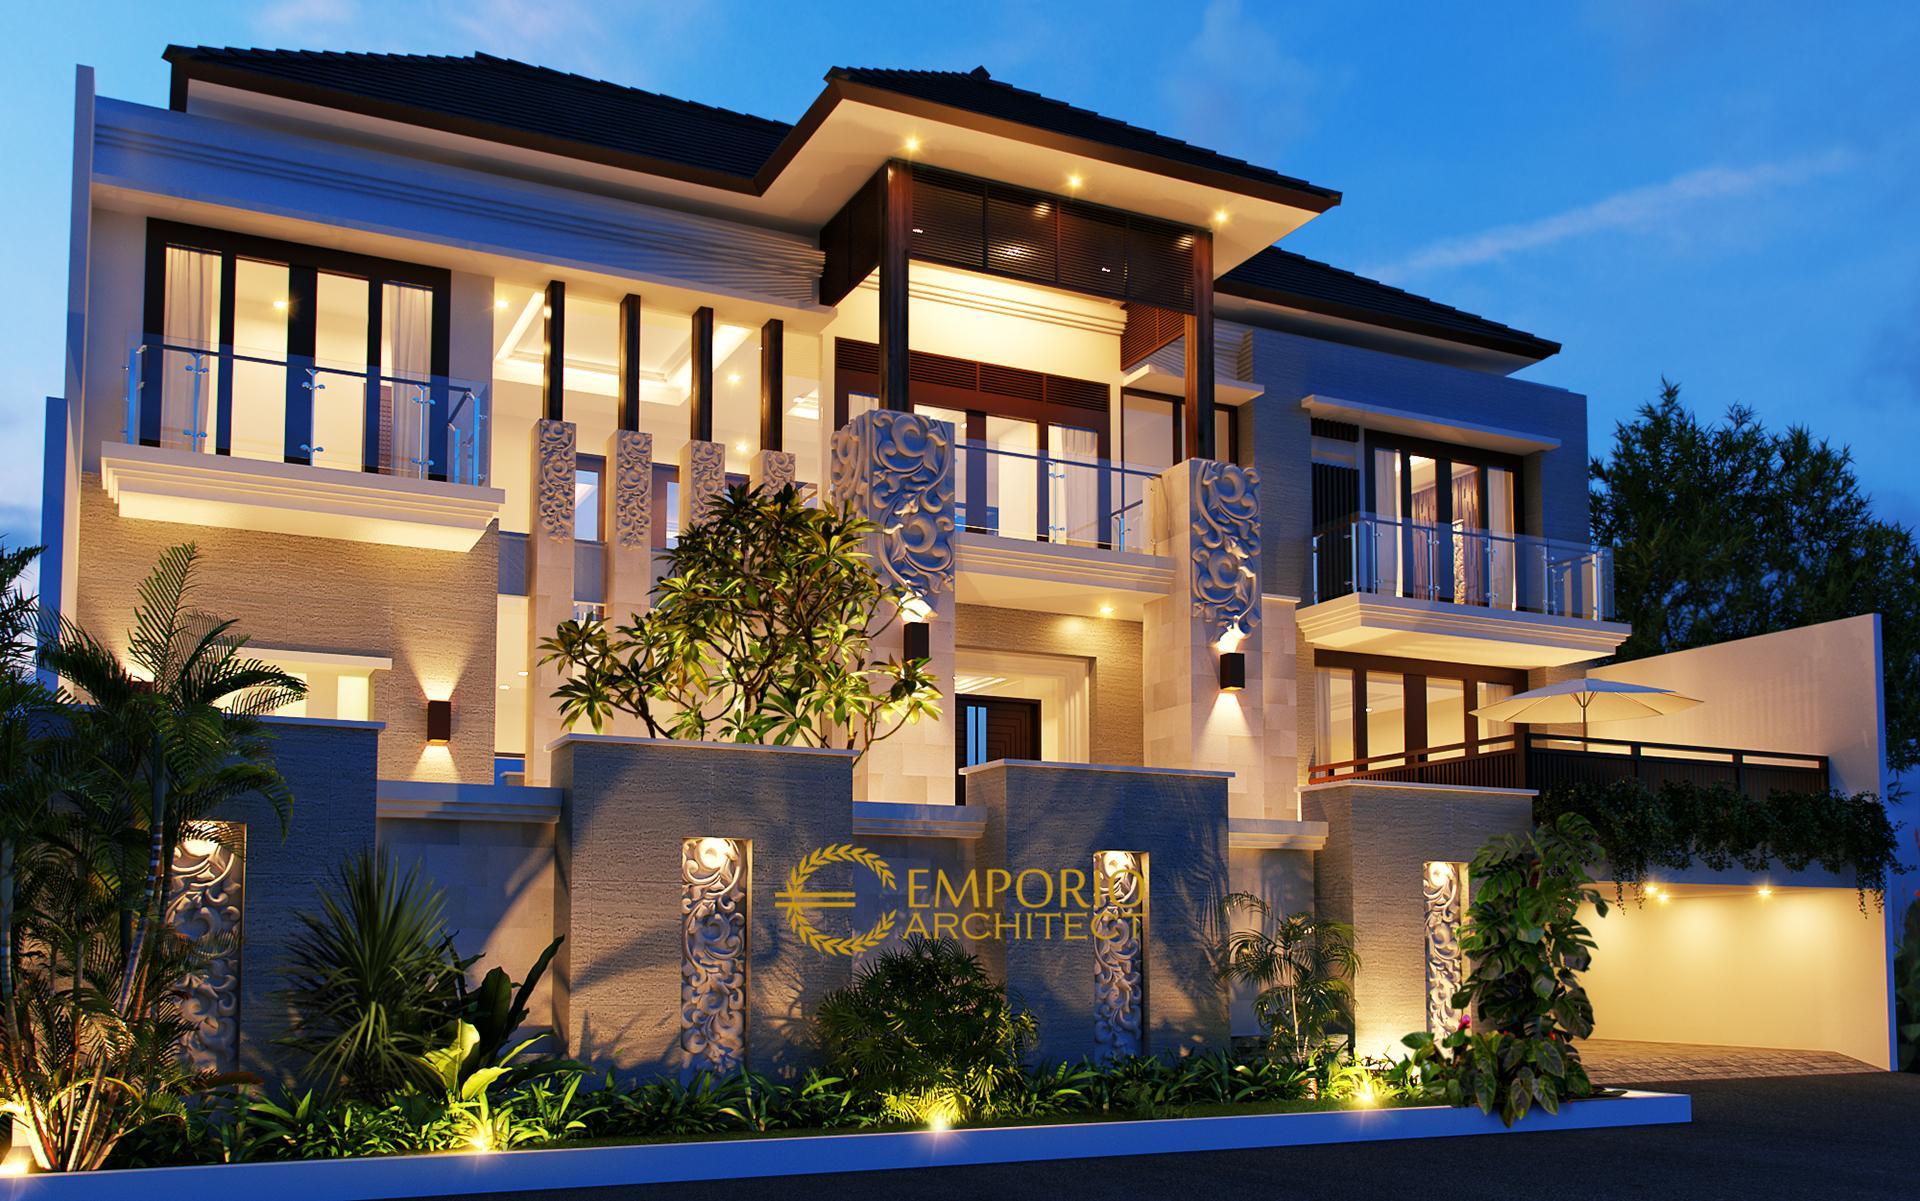 Mrs. Dewi Ariyanti Villa Bali House 2 Floors Design - Pamulang, Banten